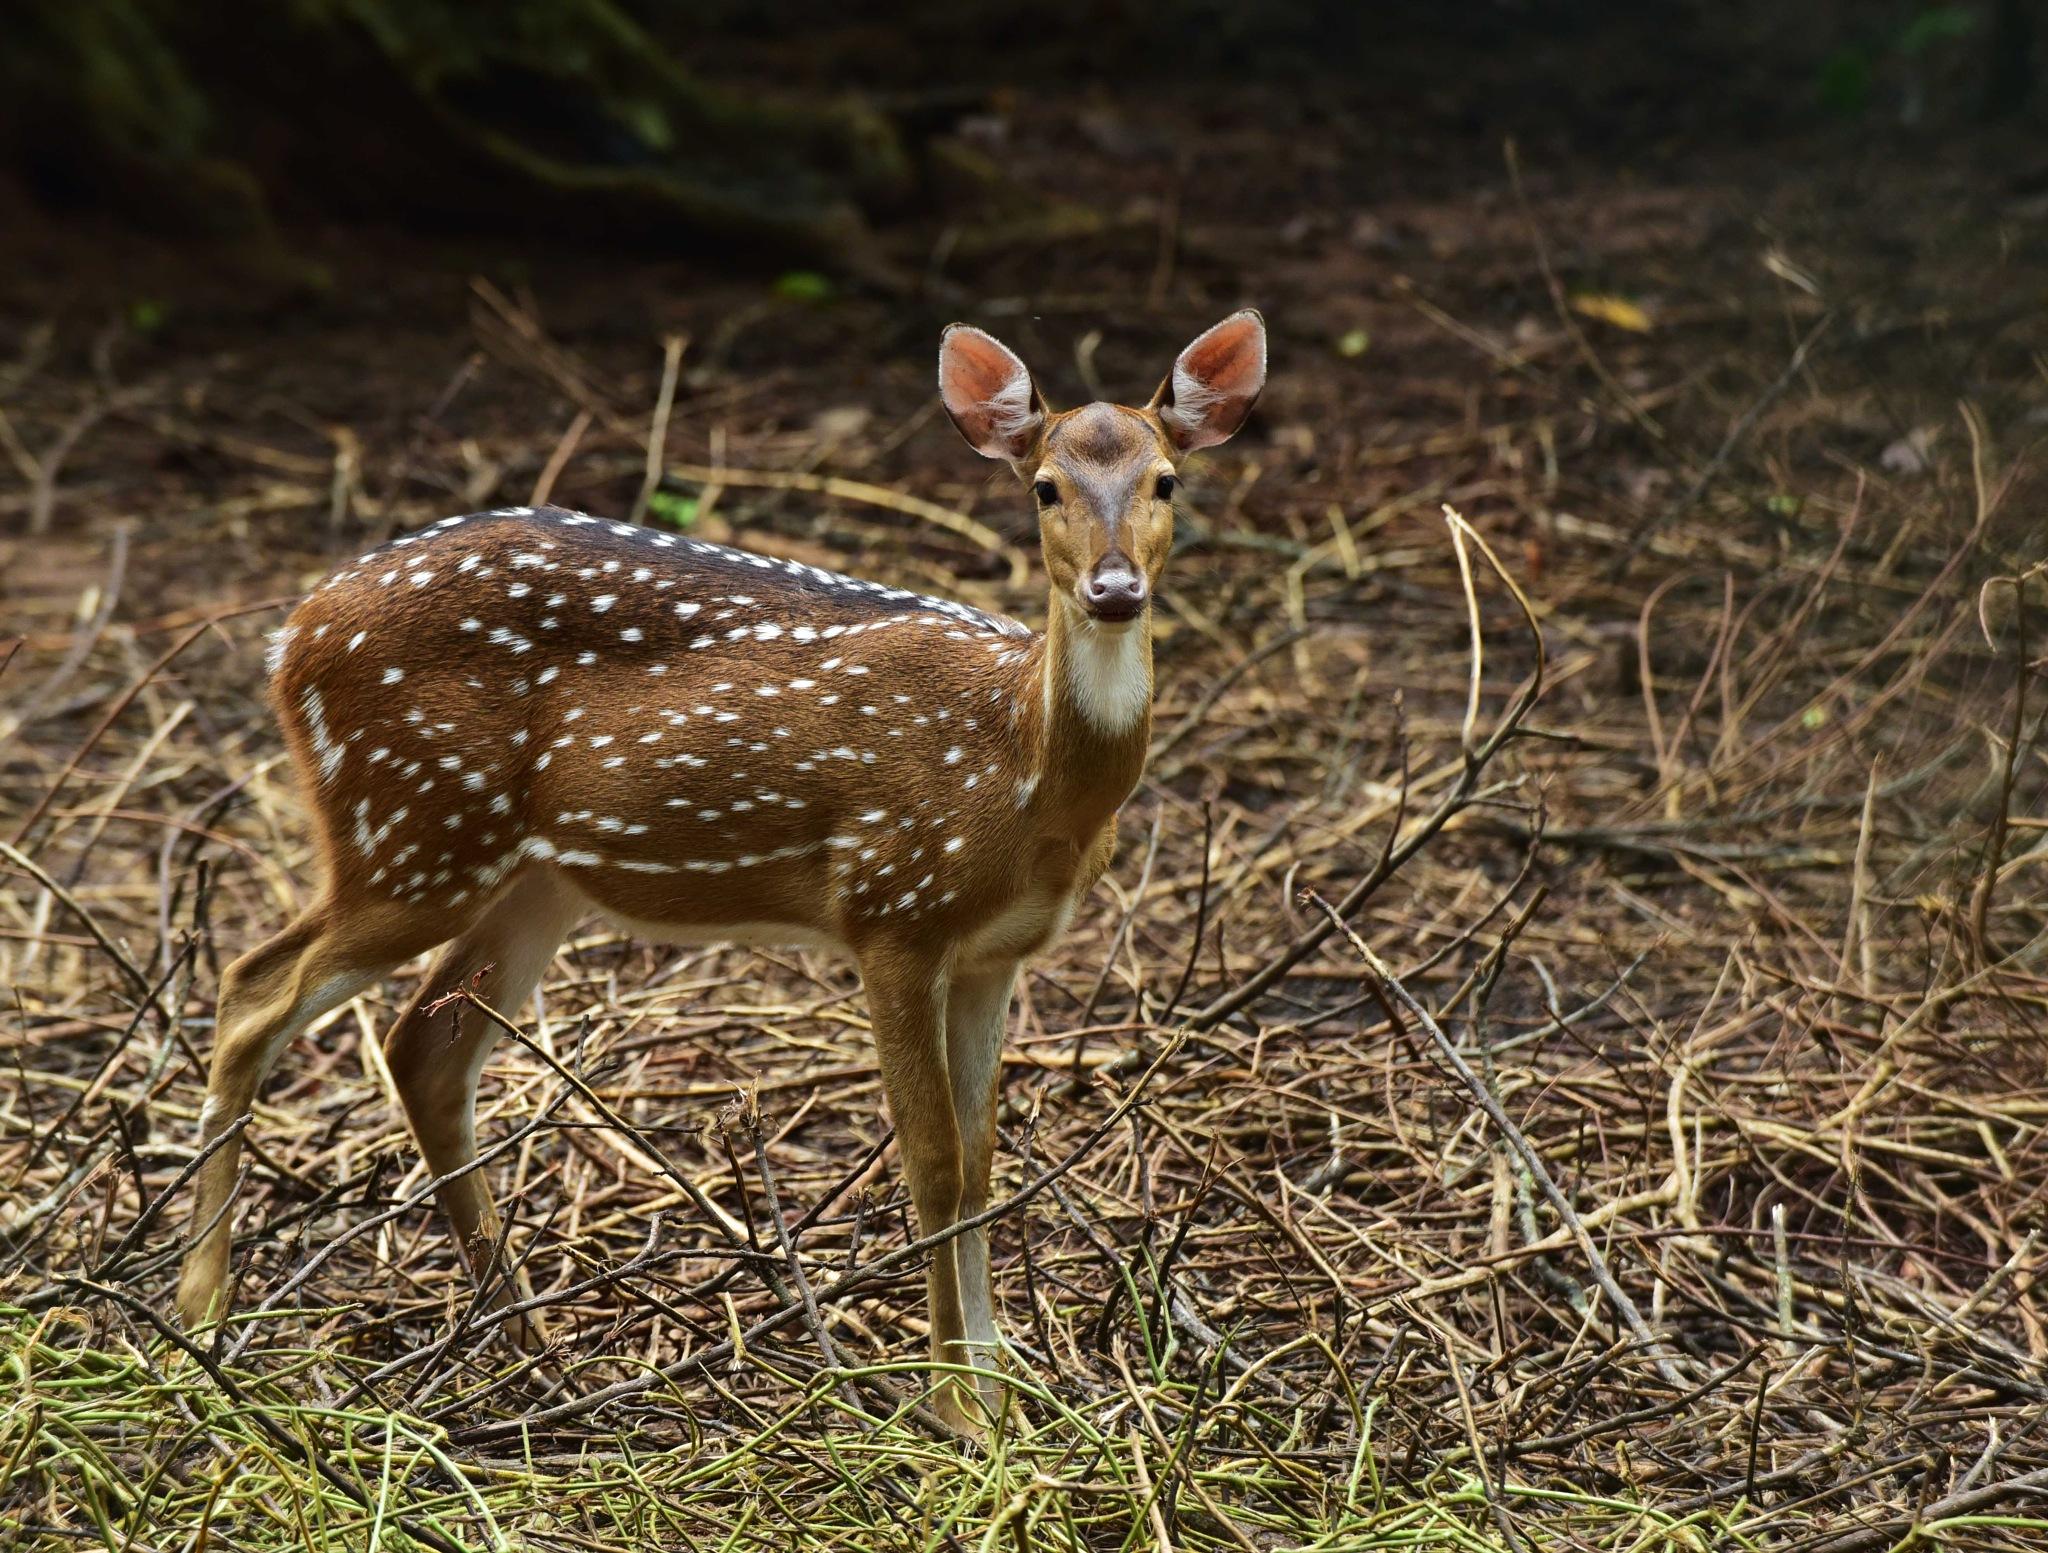 Spotted Deer by Pradeep Krishnan